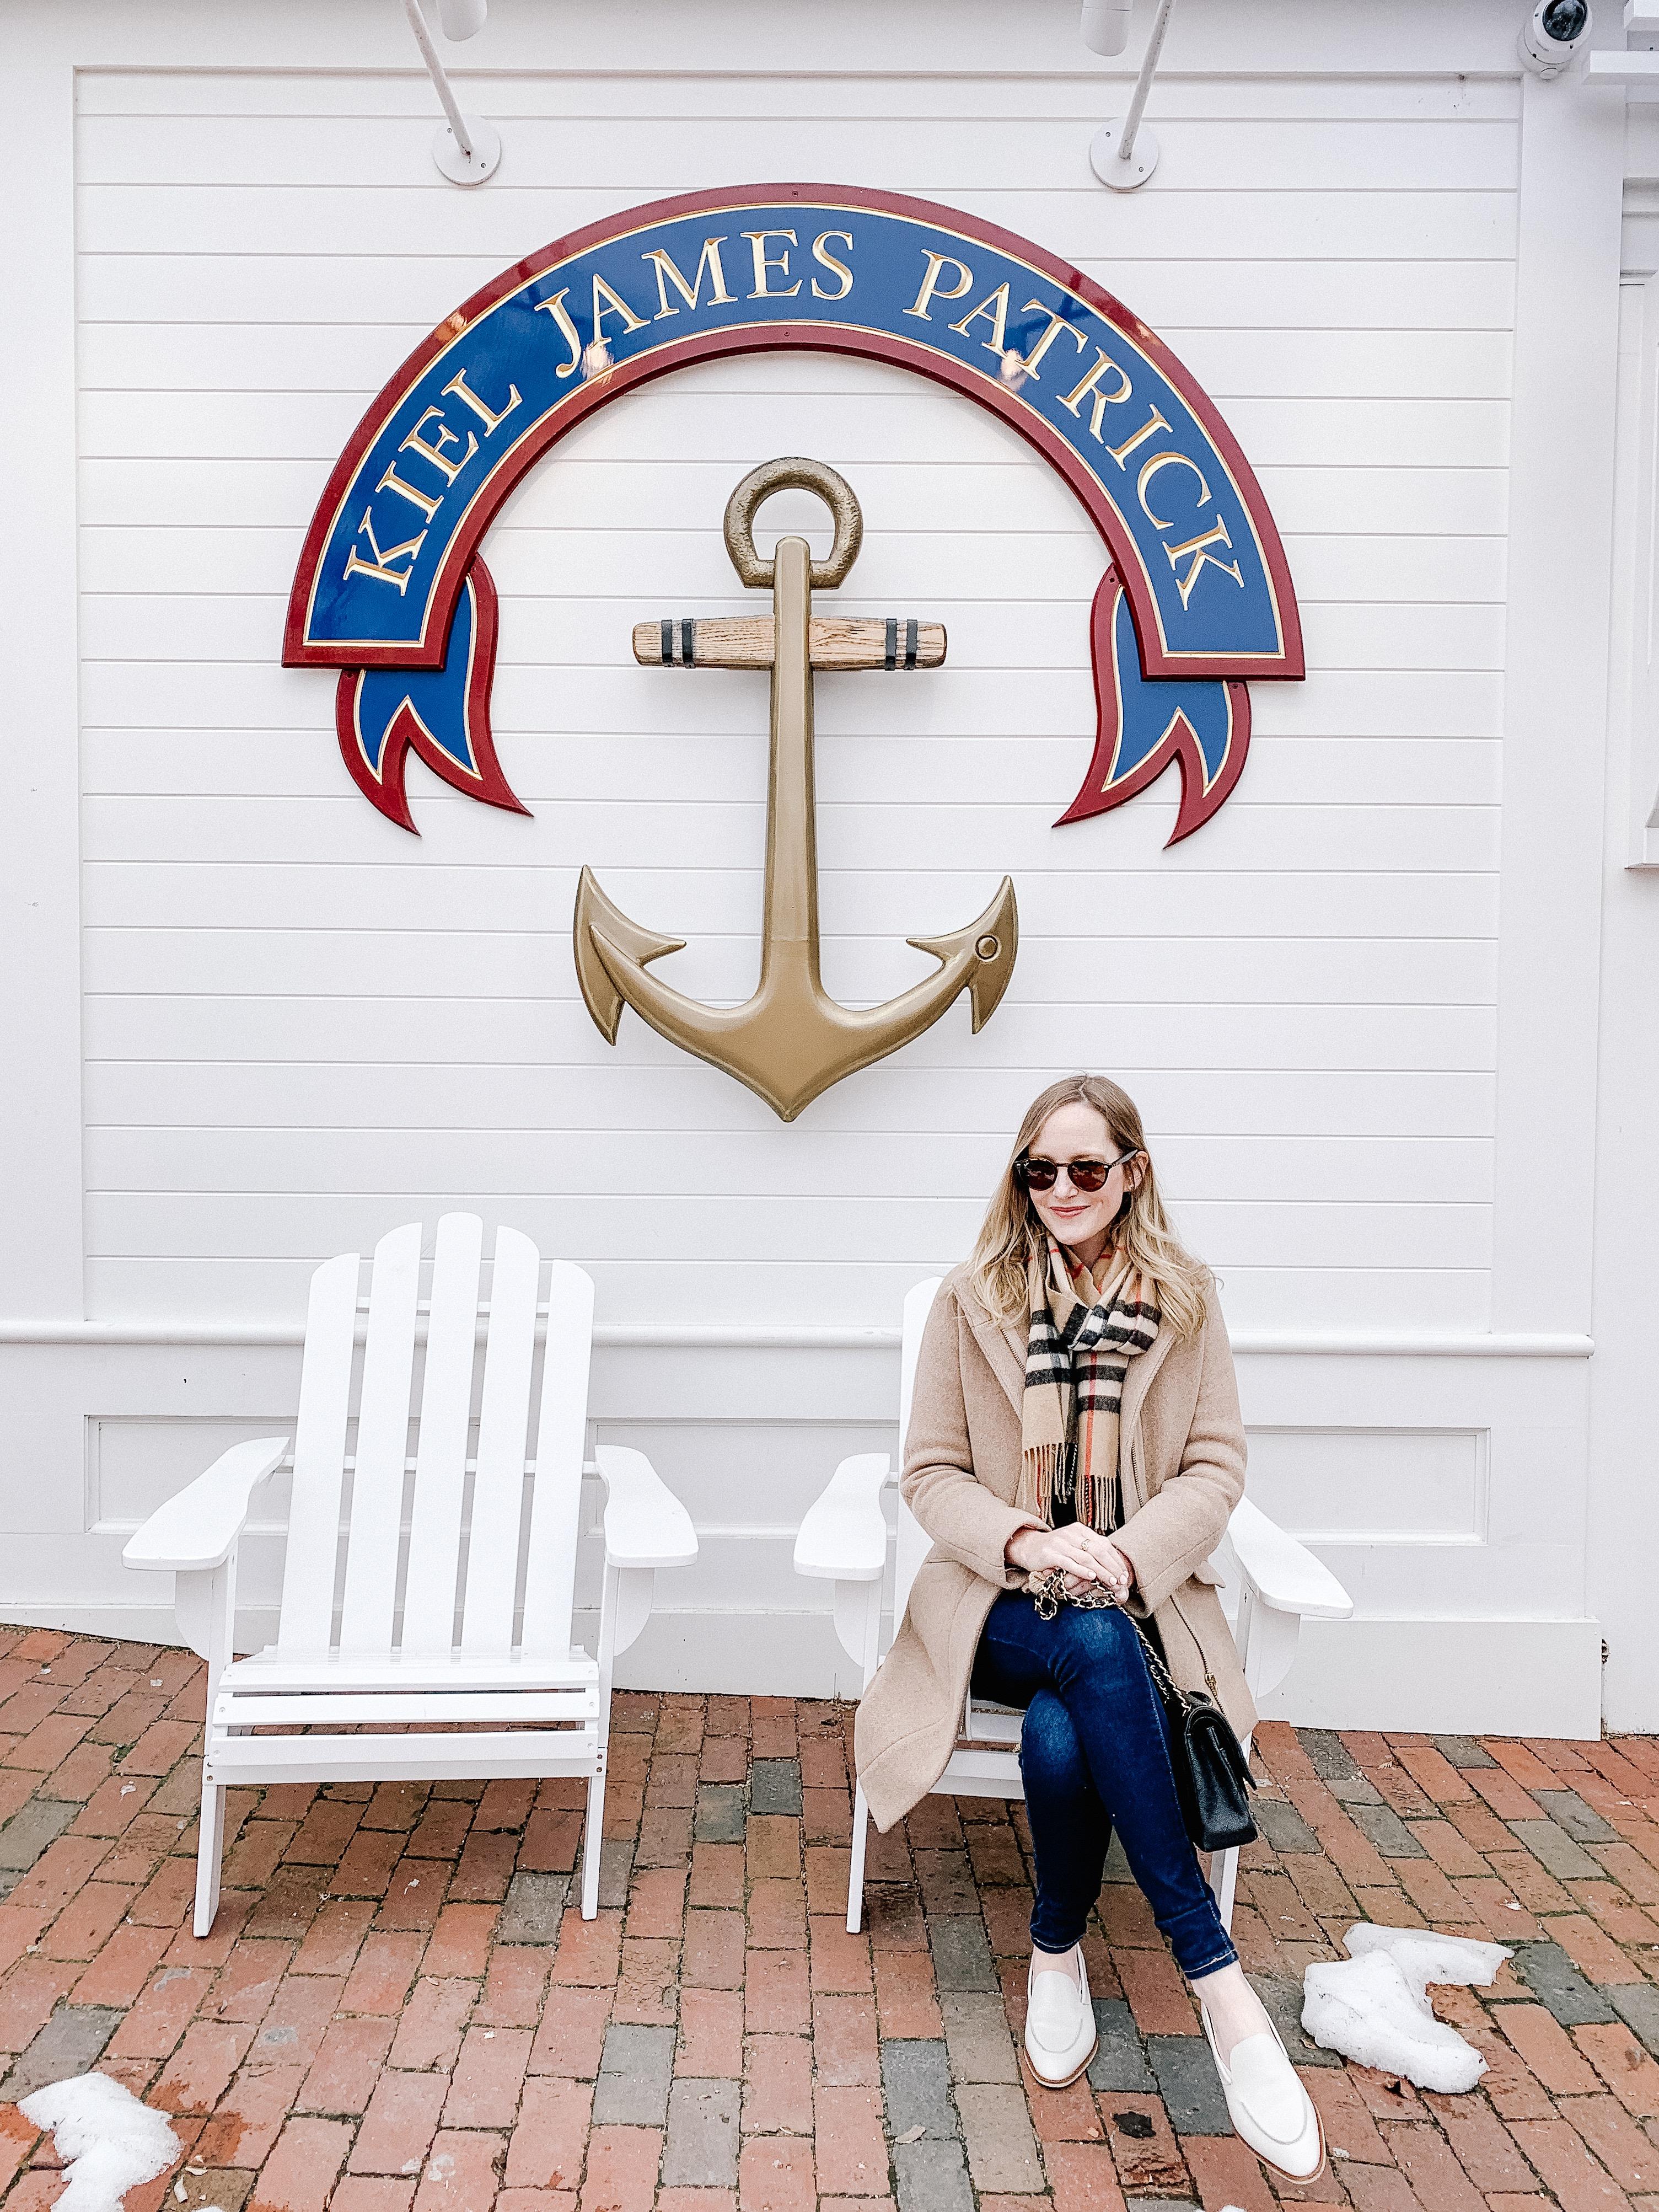 Kelly Larkin in Newport, Rhode Island - Kiel James Patrick